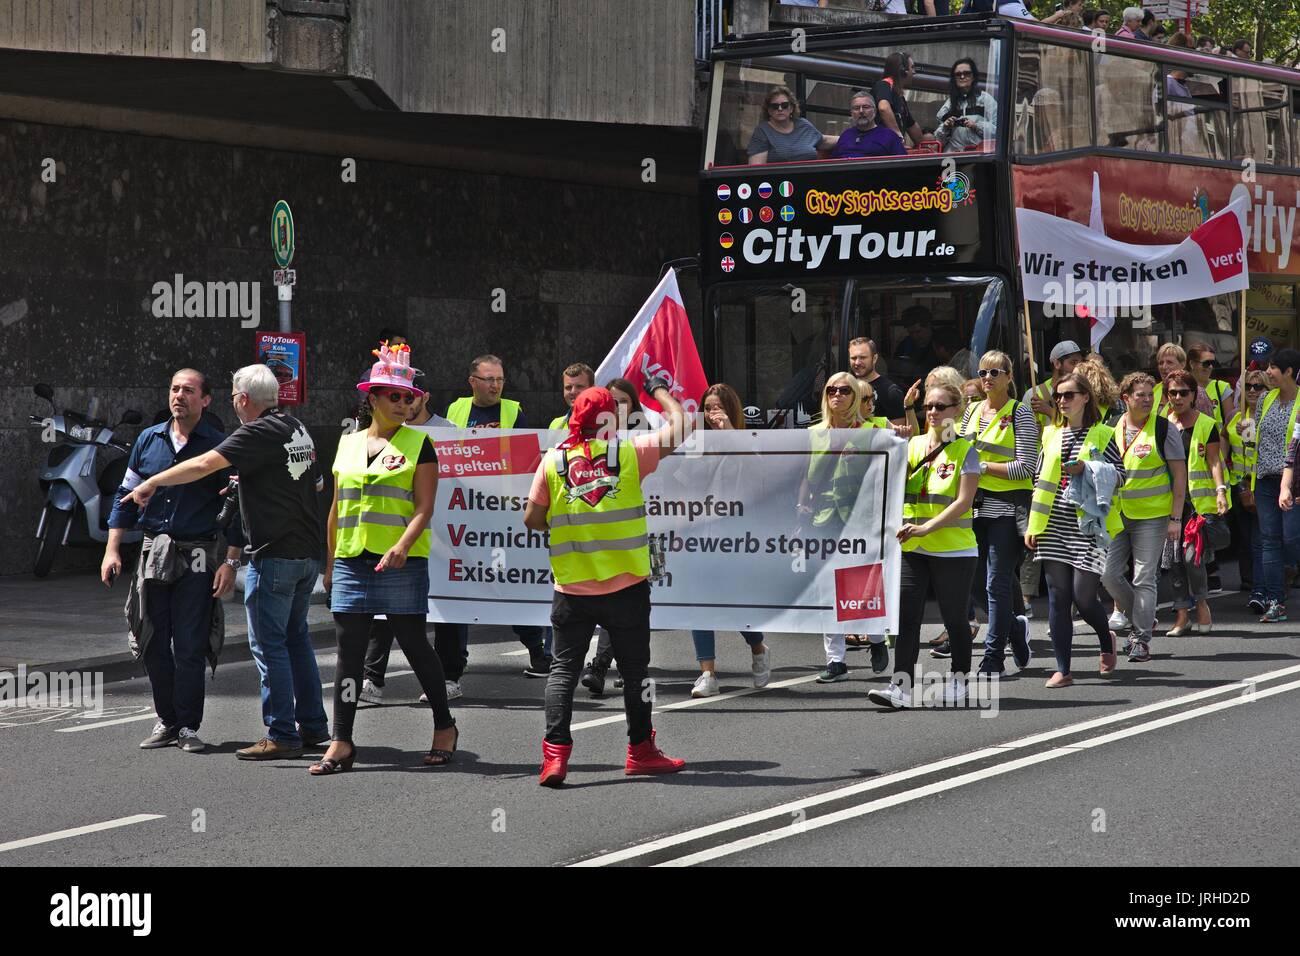 German trade union Ver.di on strike - Stock Image